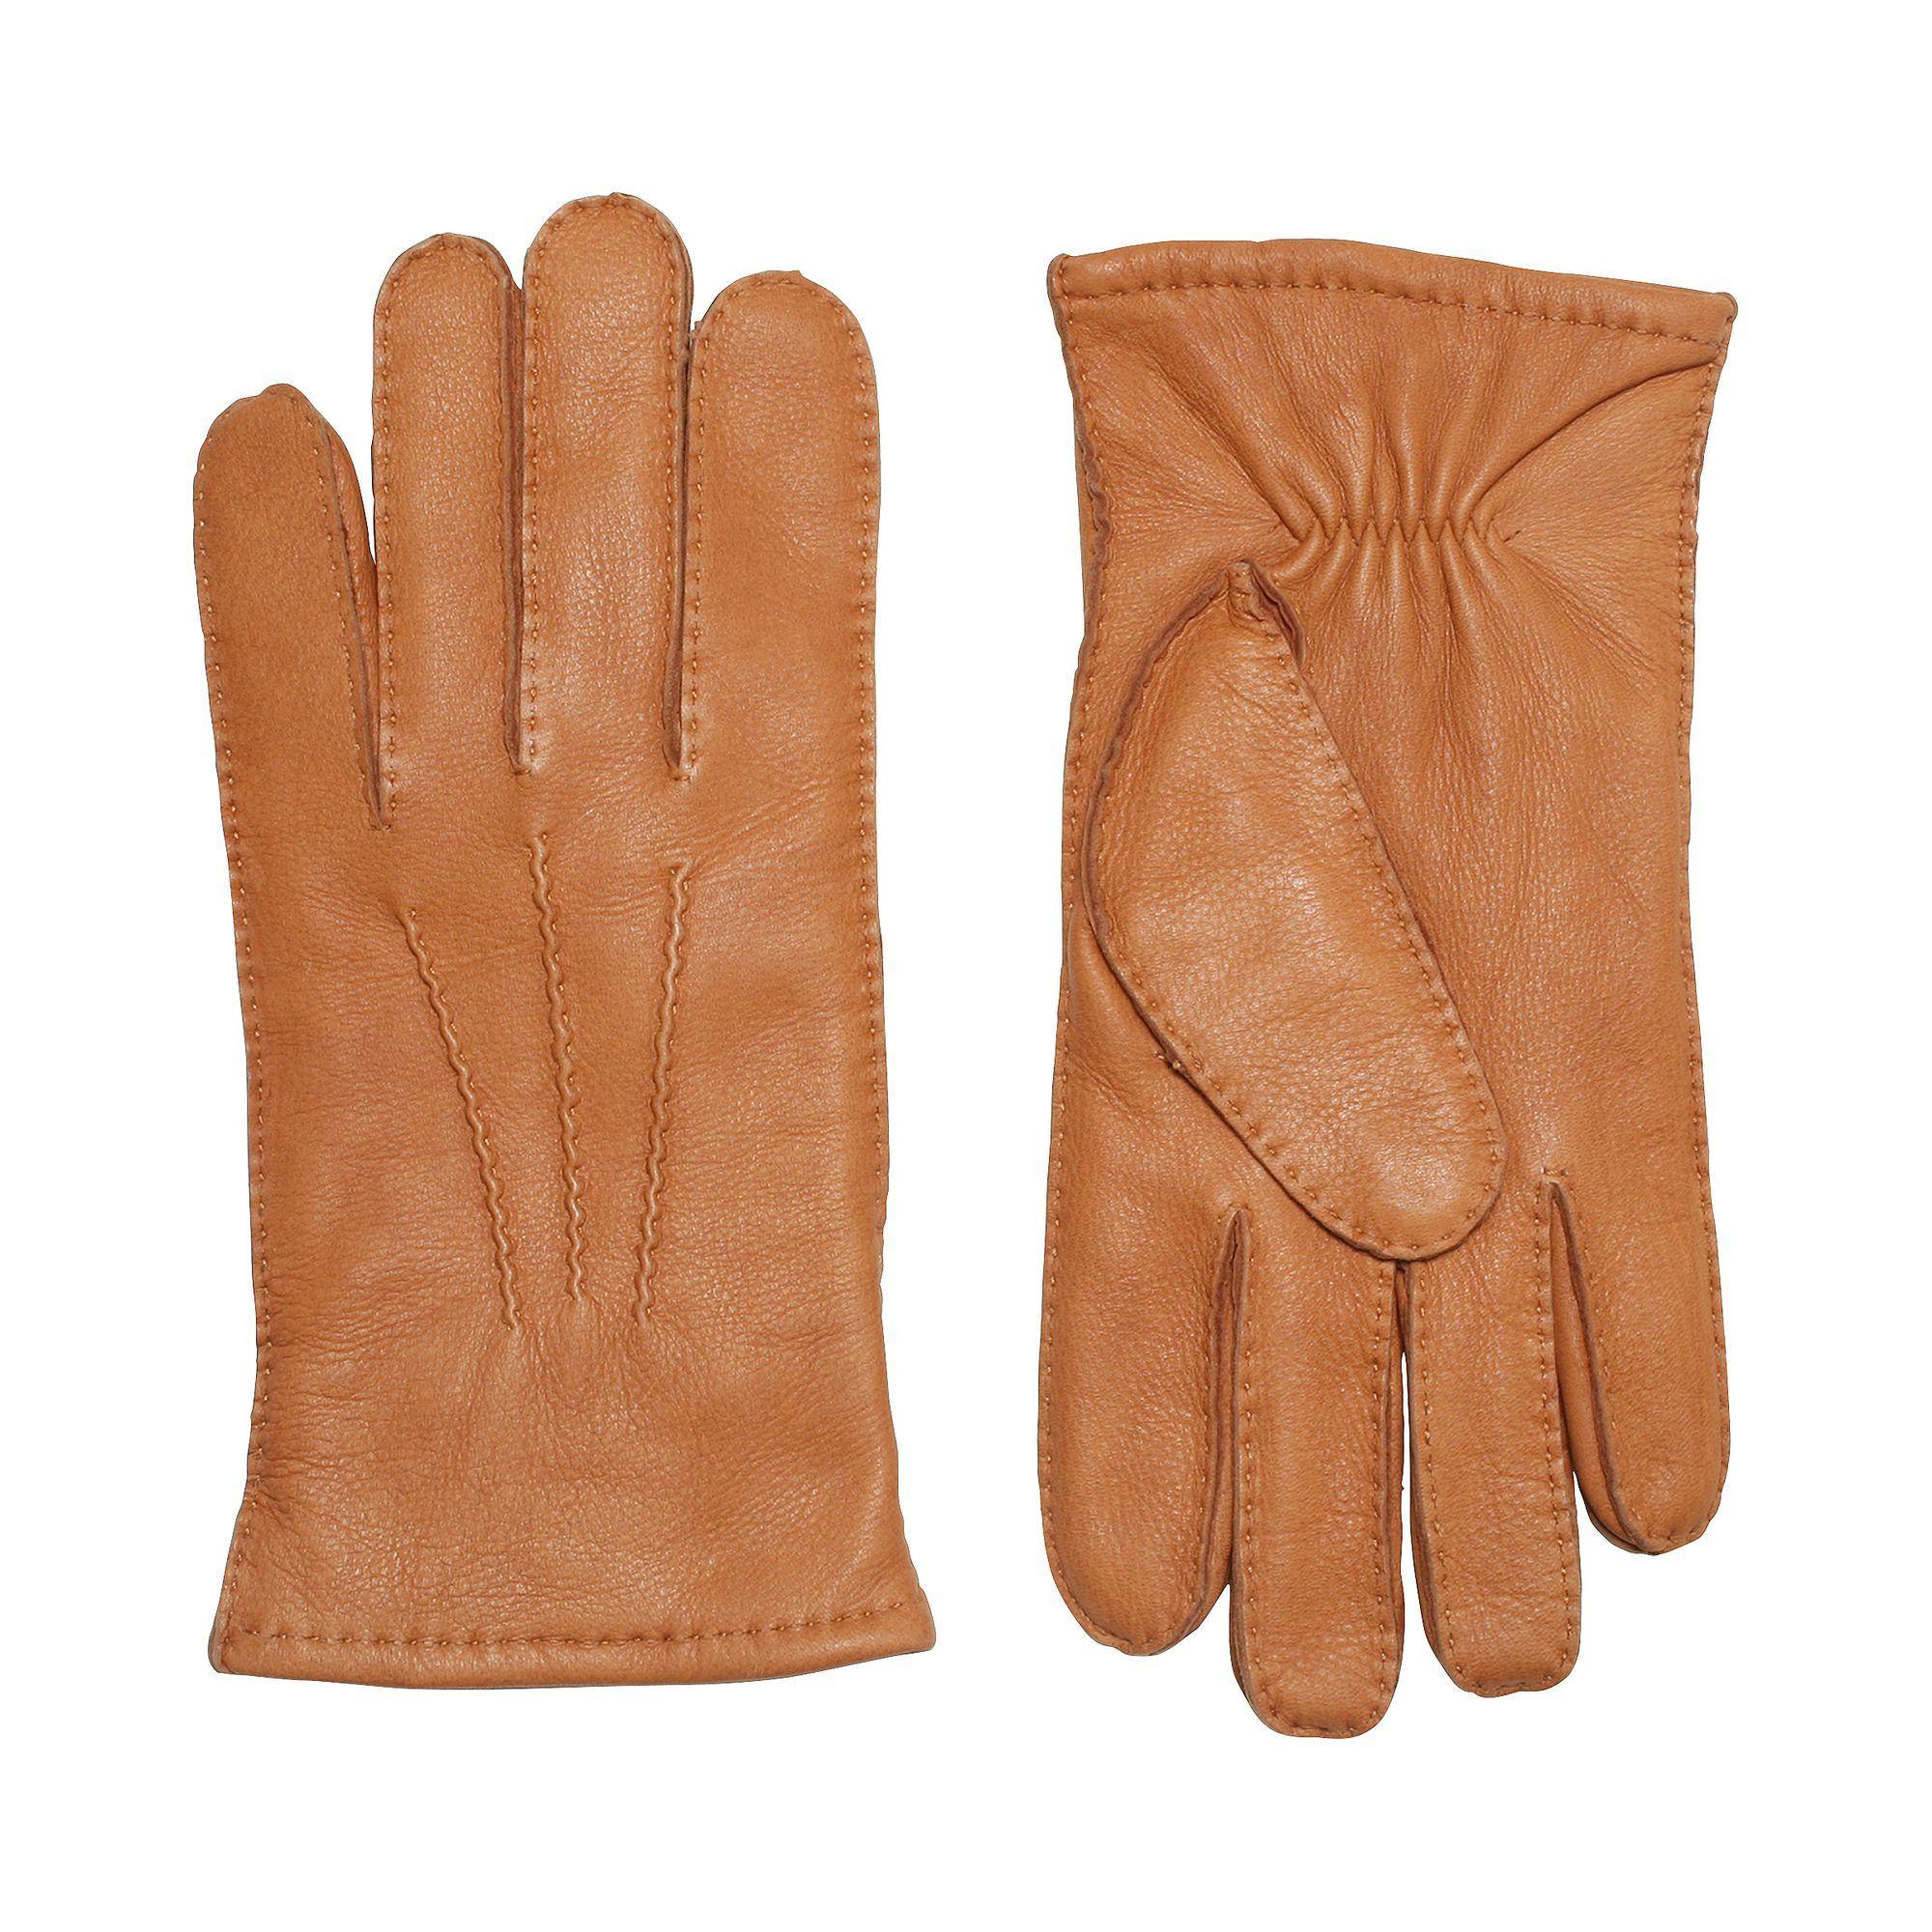 65b0d6ad437 Handskmakaren Handskmakaren Ravenna handskar i hjortskinn, herr | Accent